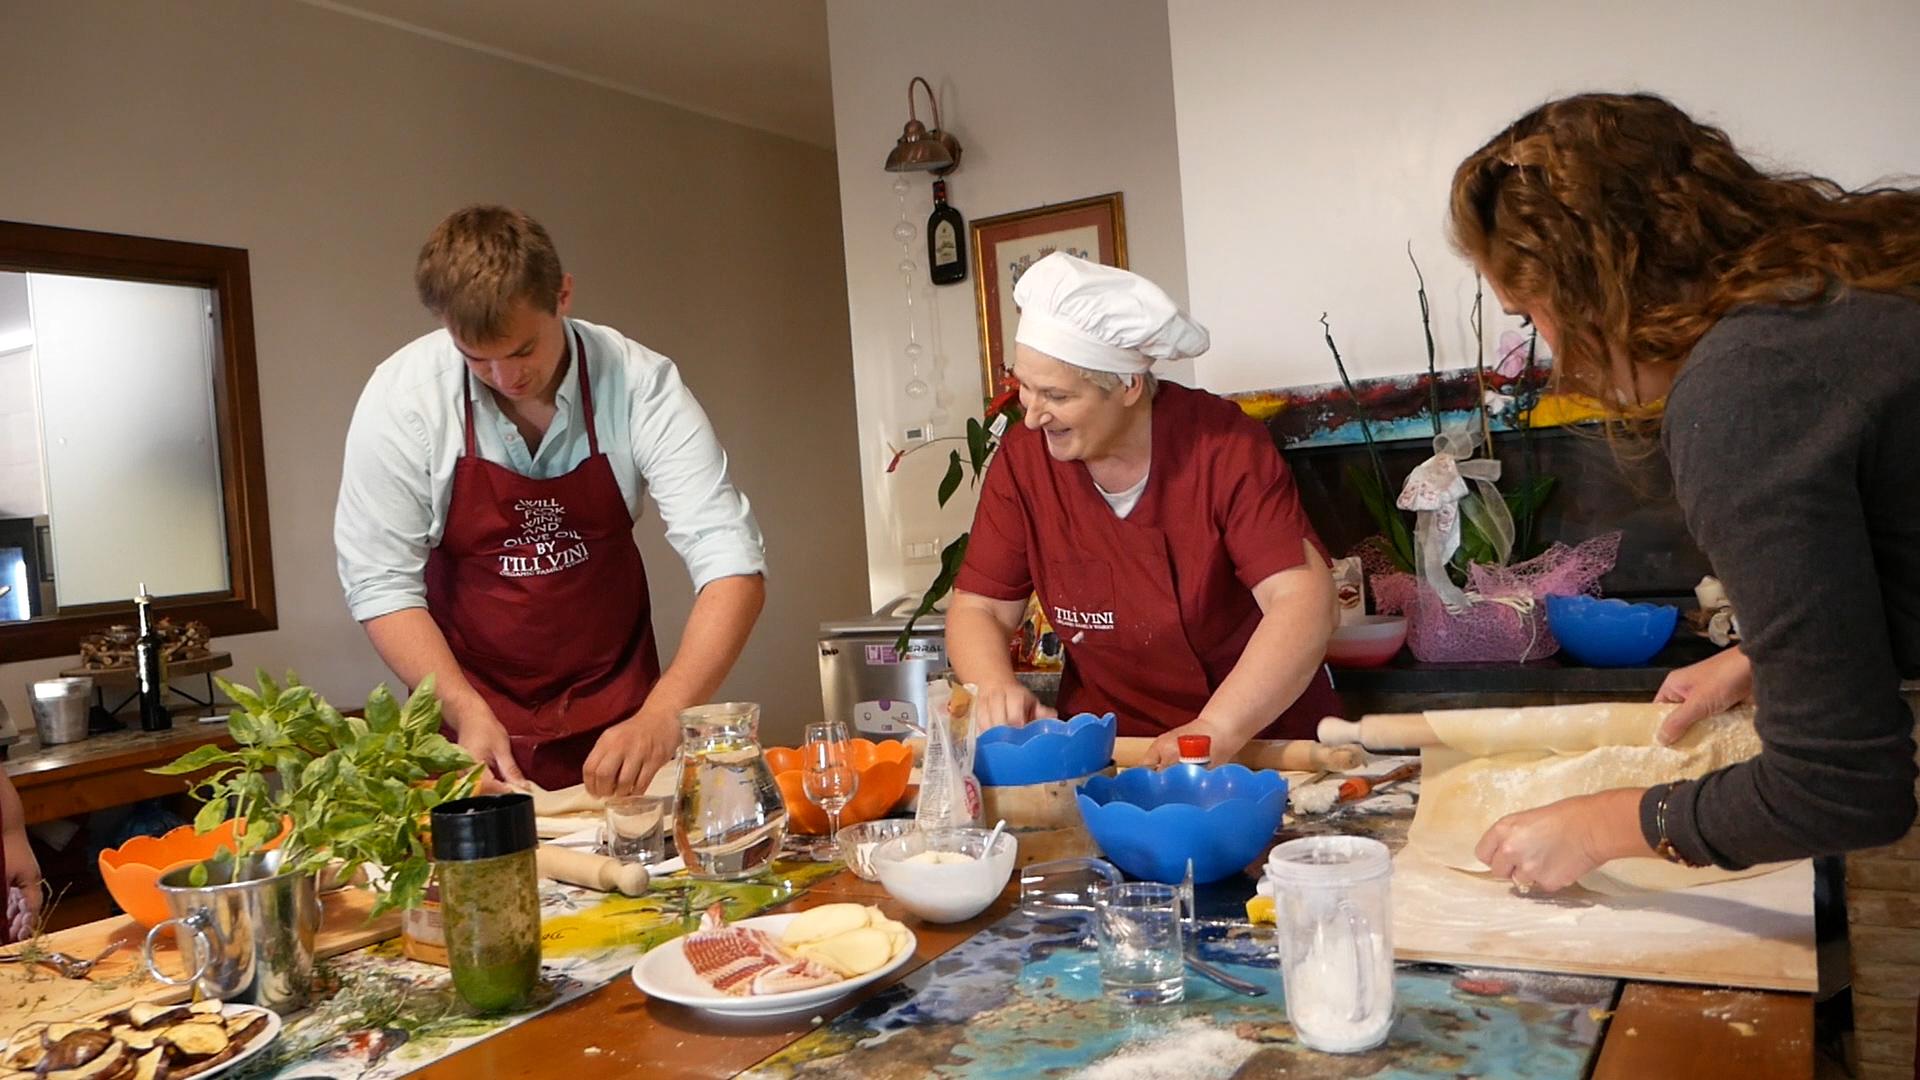 Esperienza sensoriale Assisi Tili Vini - Lezioni di cucina Umbra 5